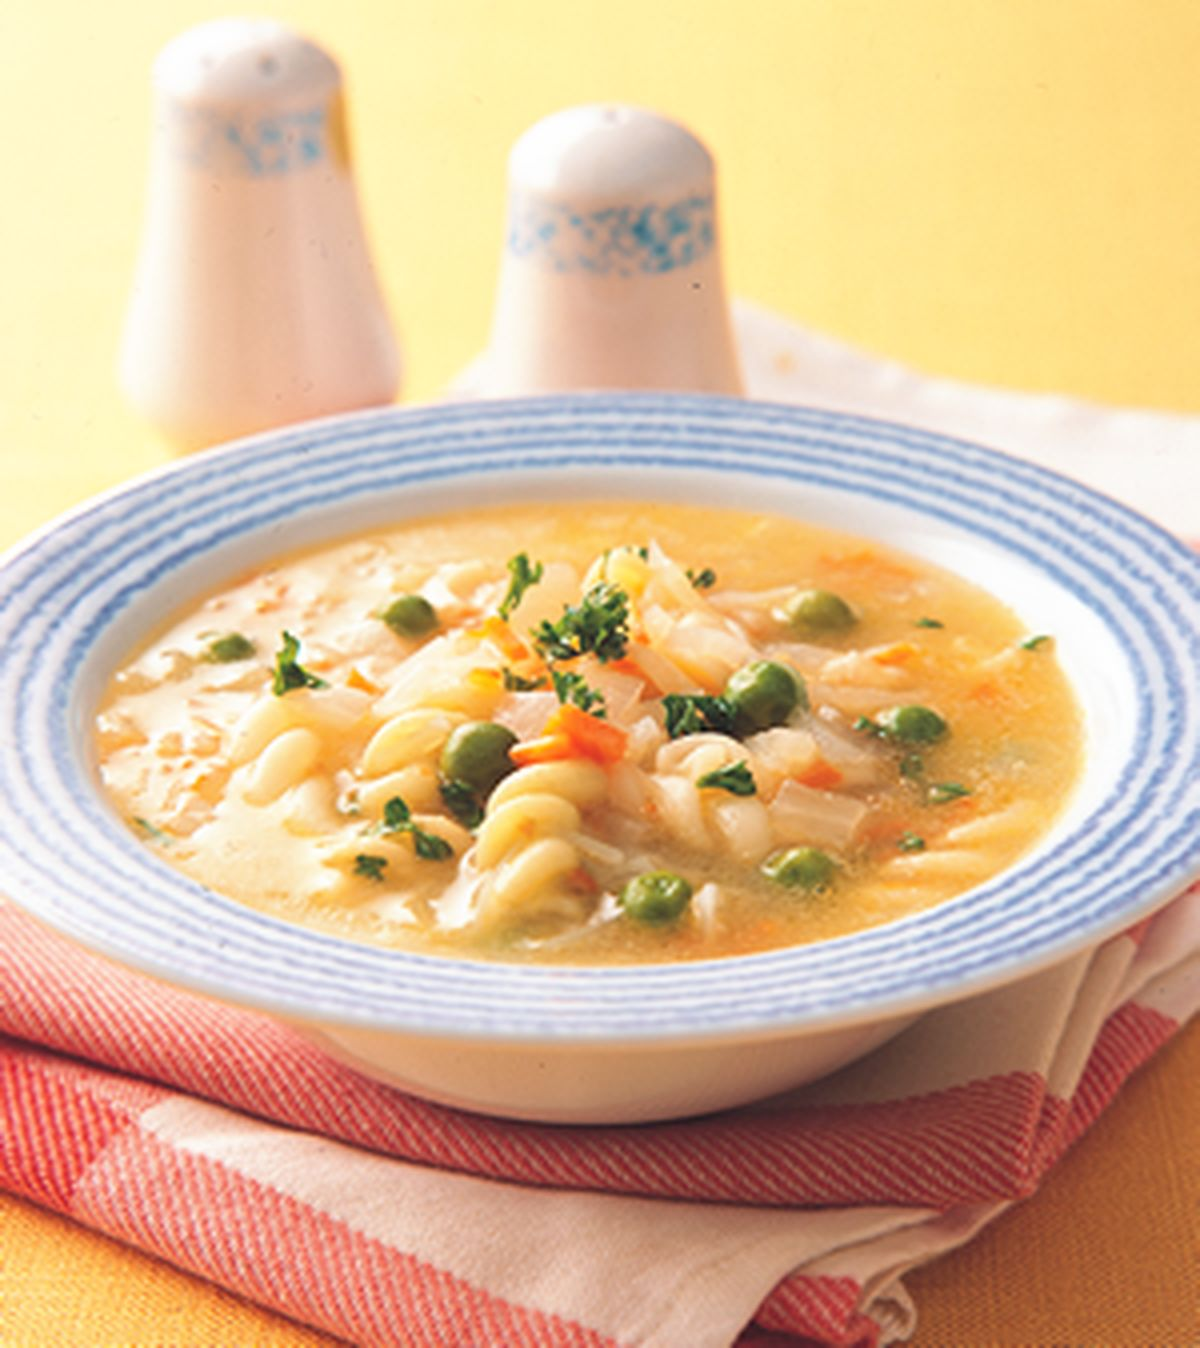 食譜:波蘭風味蔬菜湯